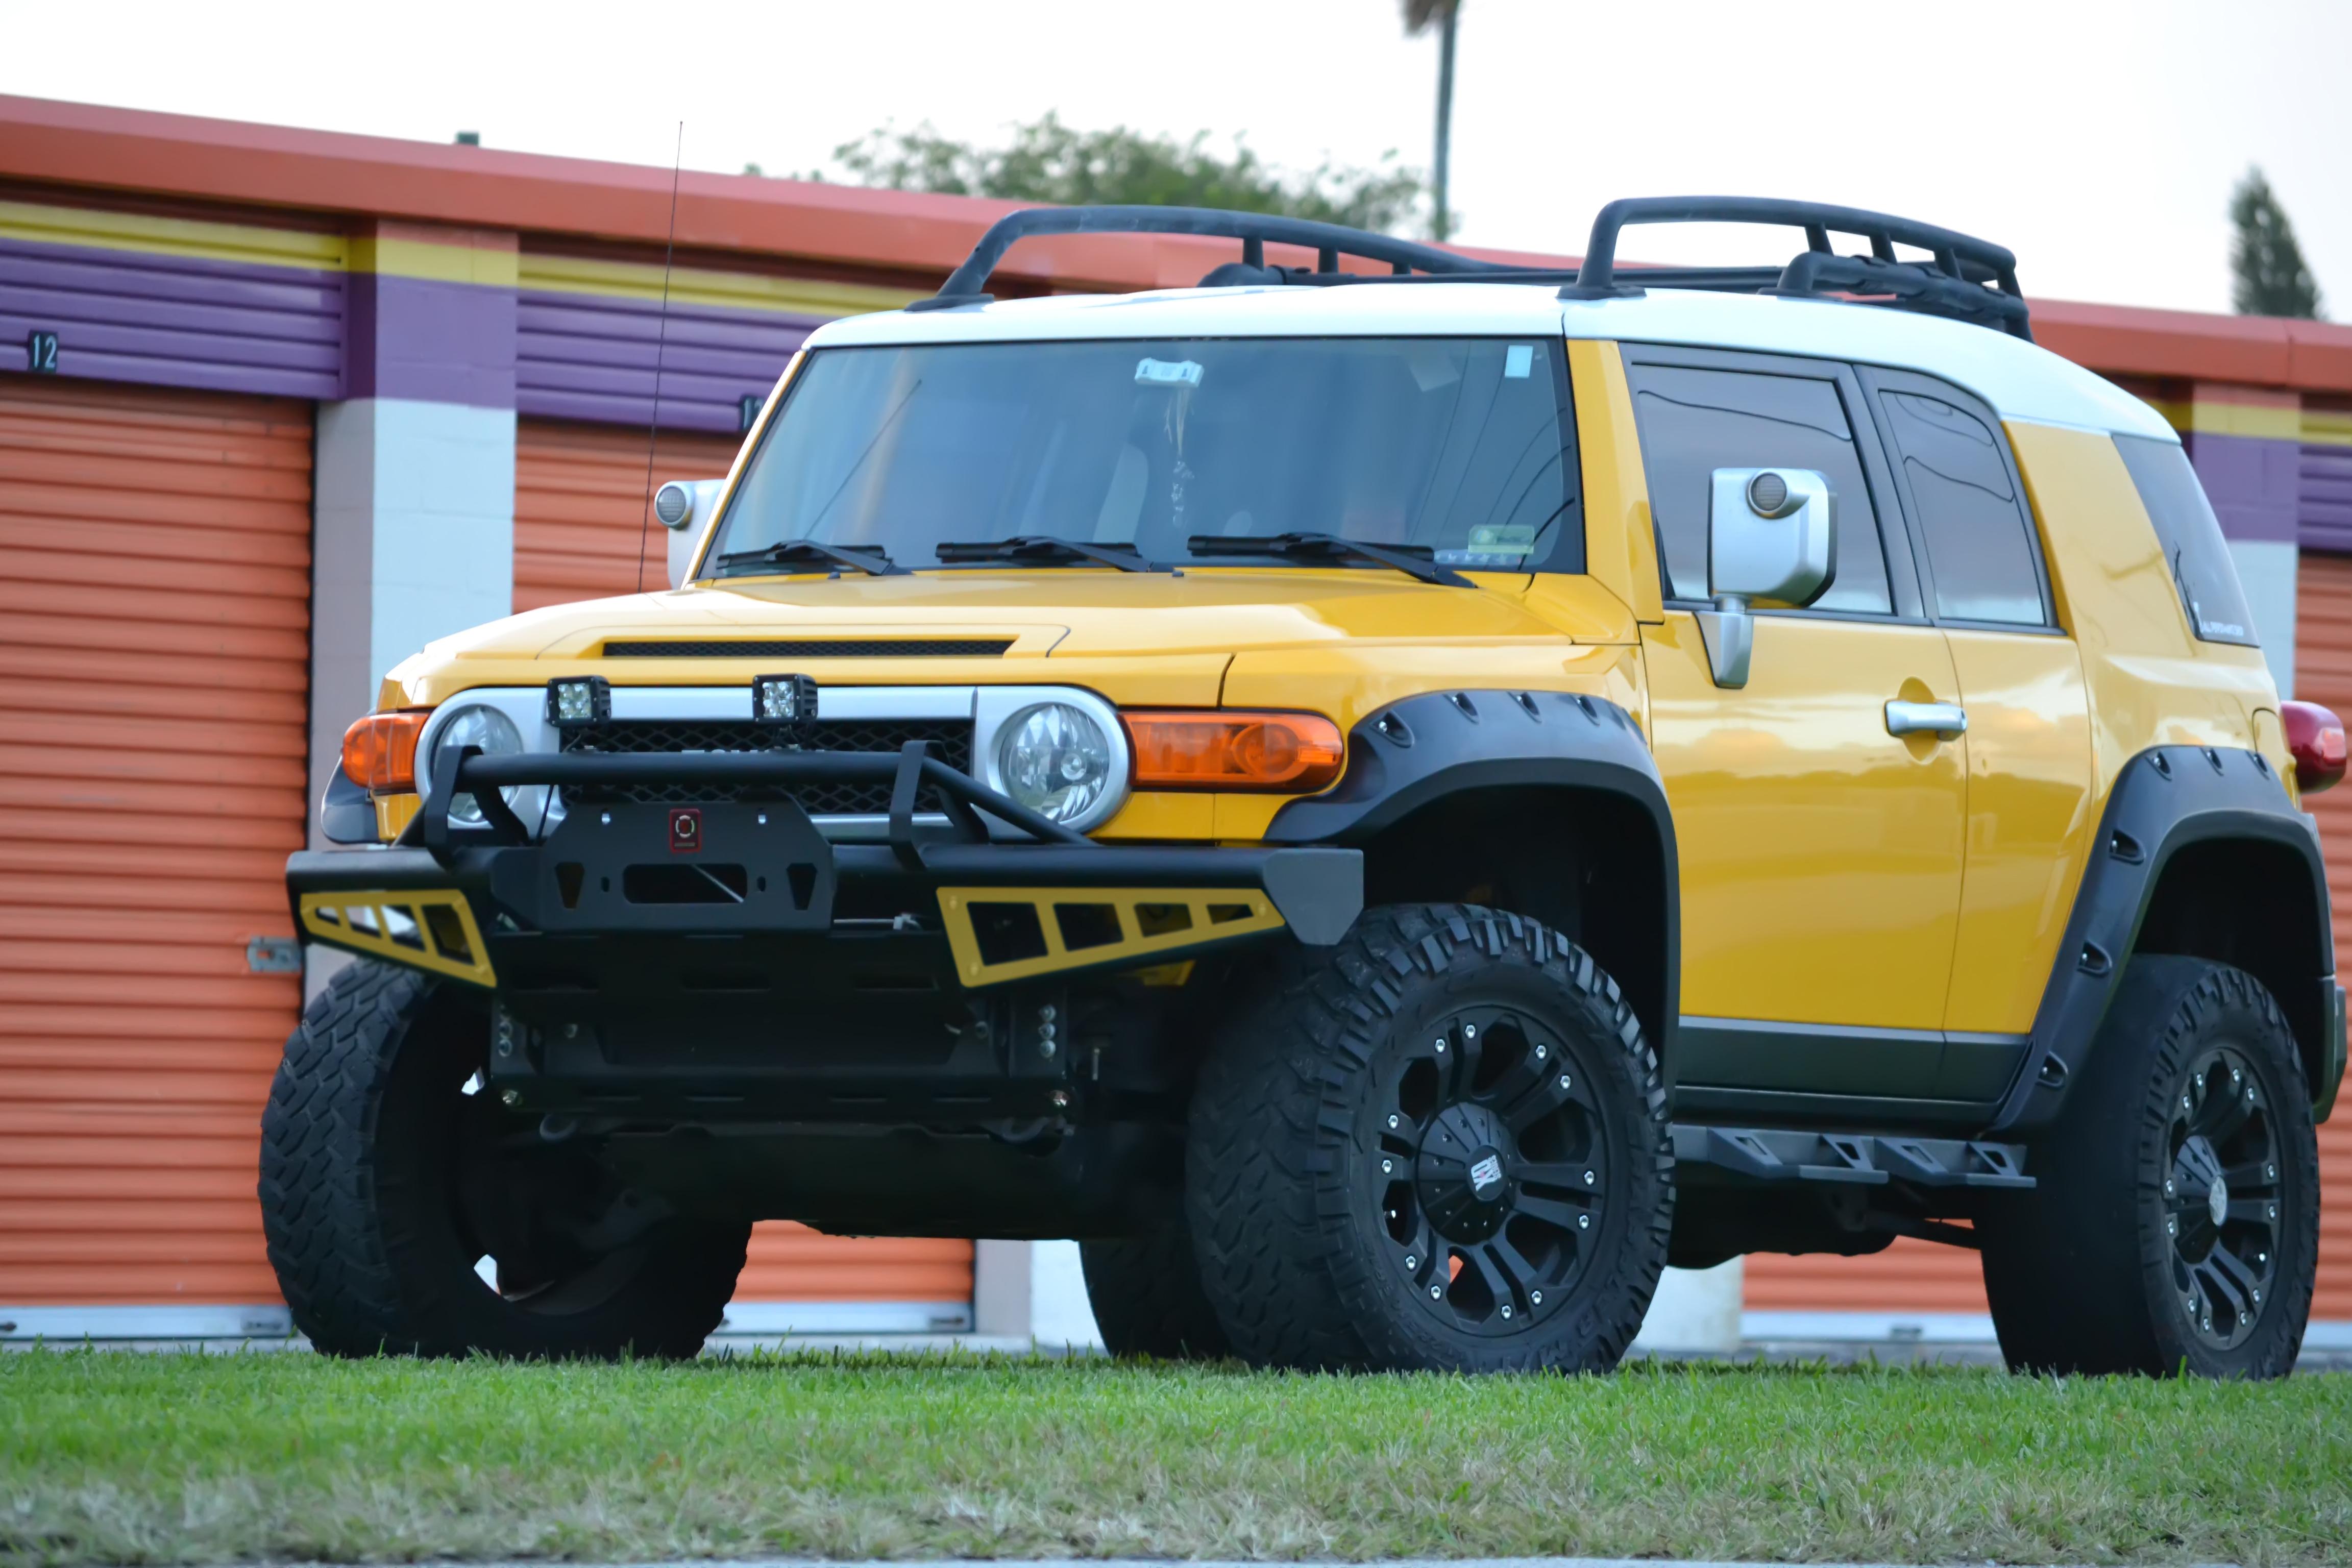 Fj Cruiser Front Rally Bumper Proline 4wd Equipment